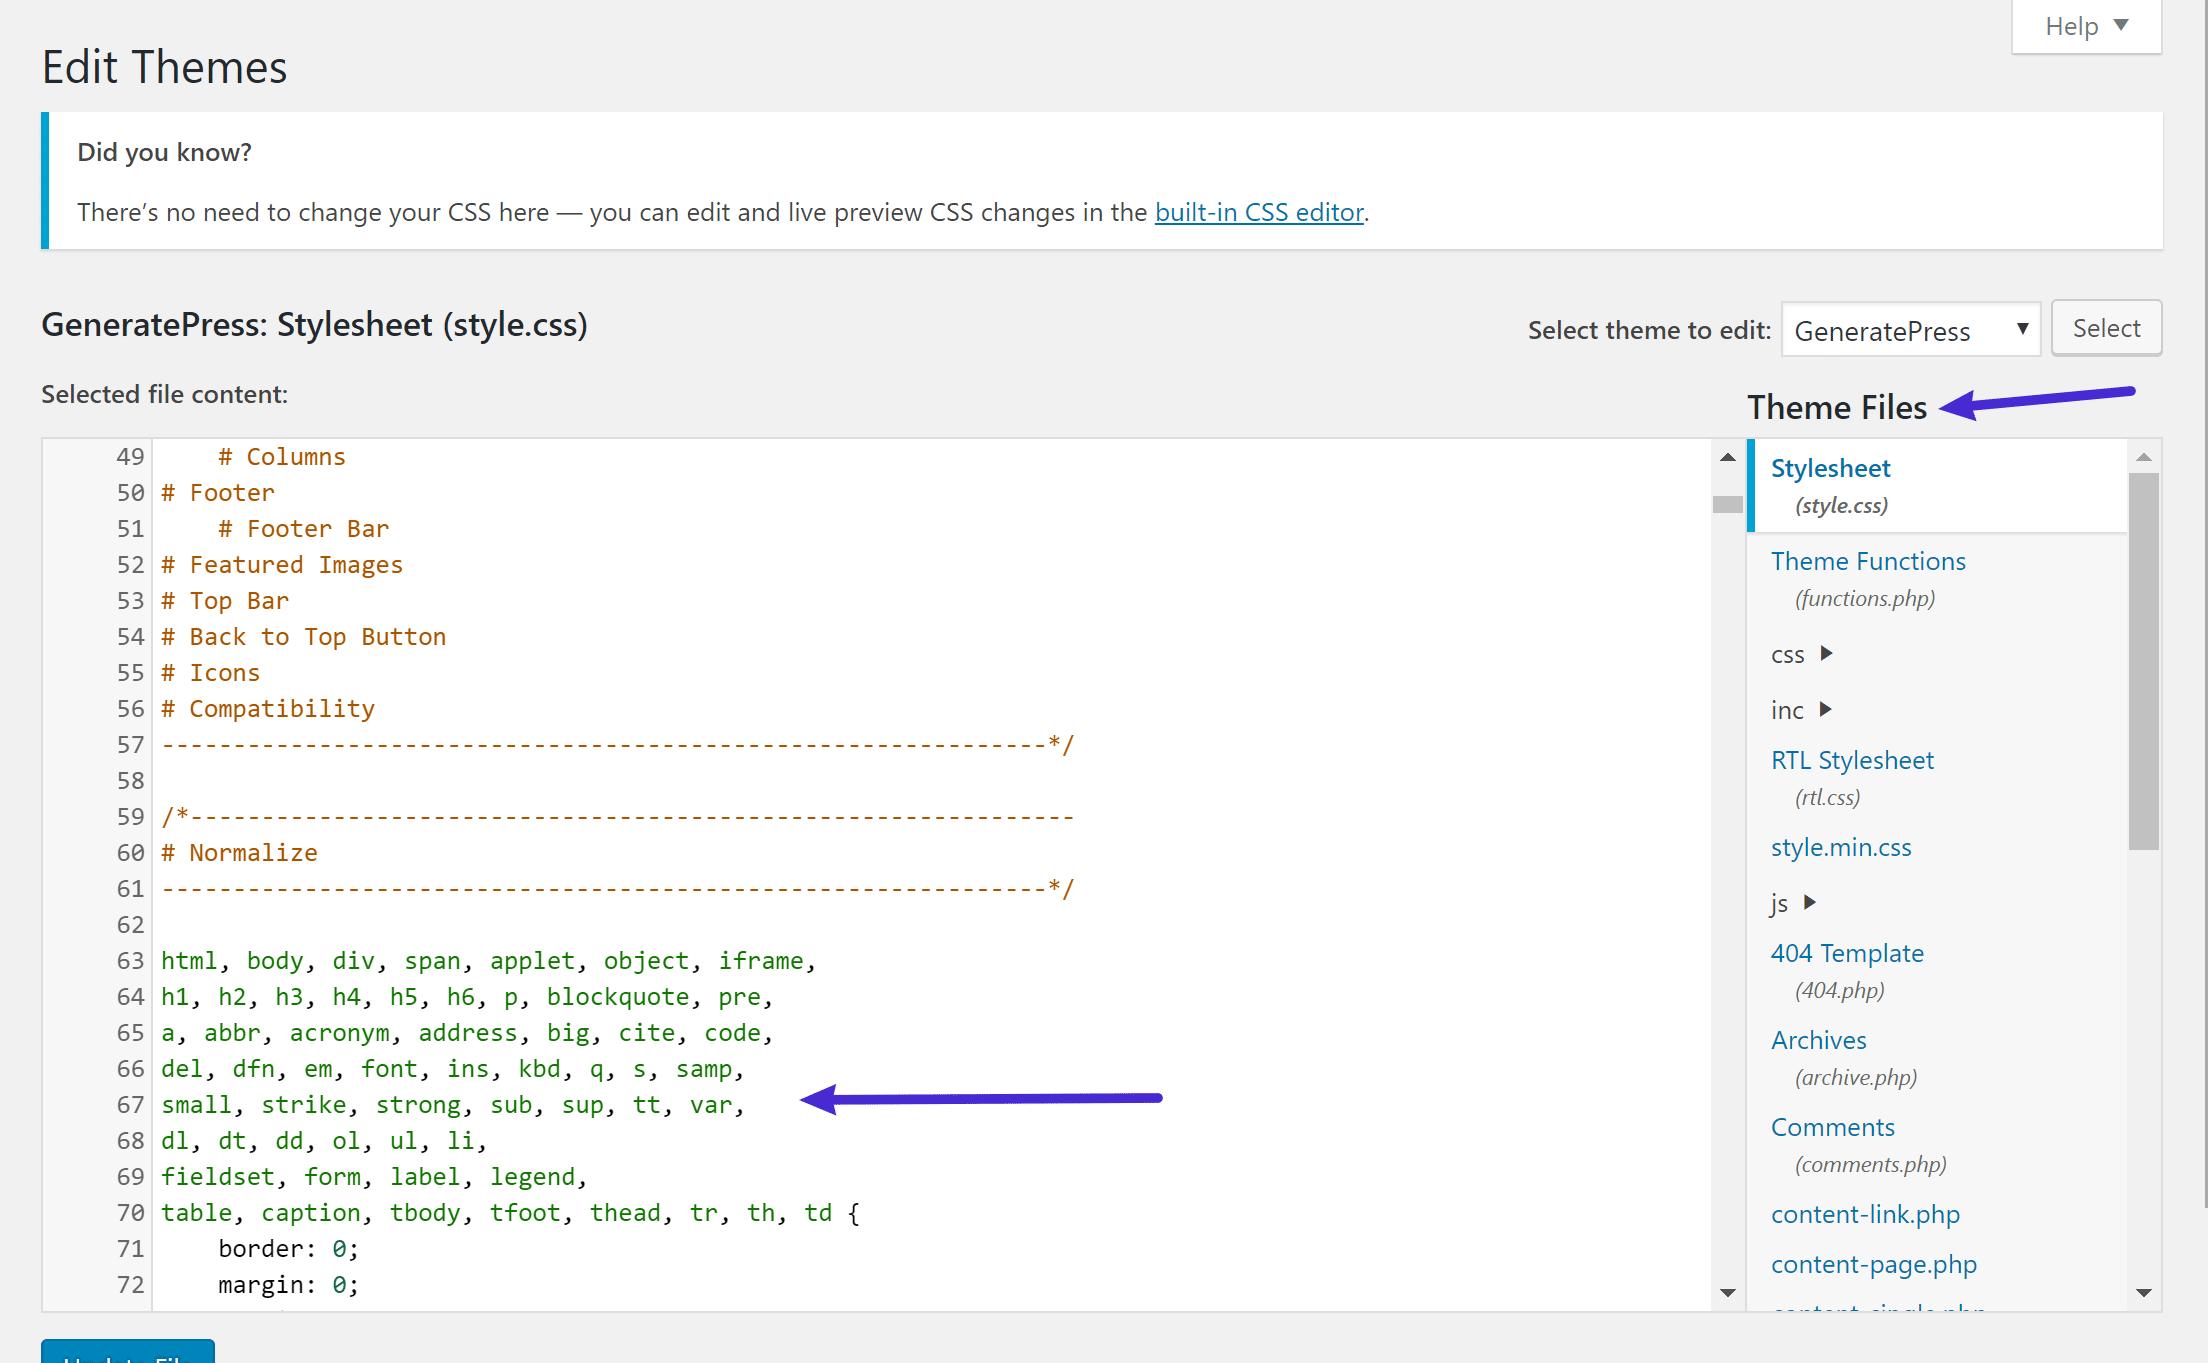 WordPress-kodeditor i dashboardet